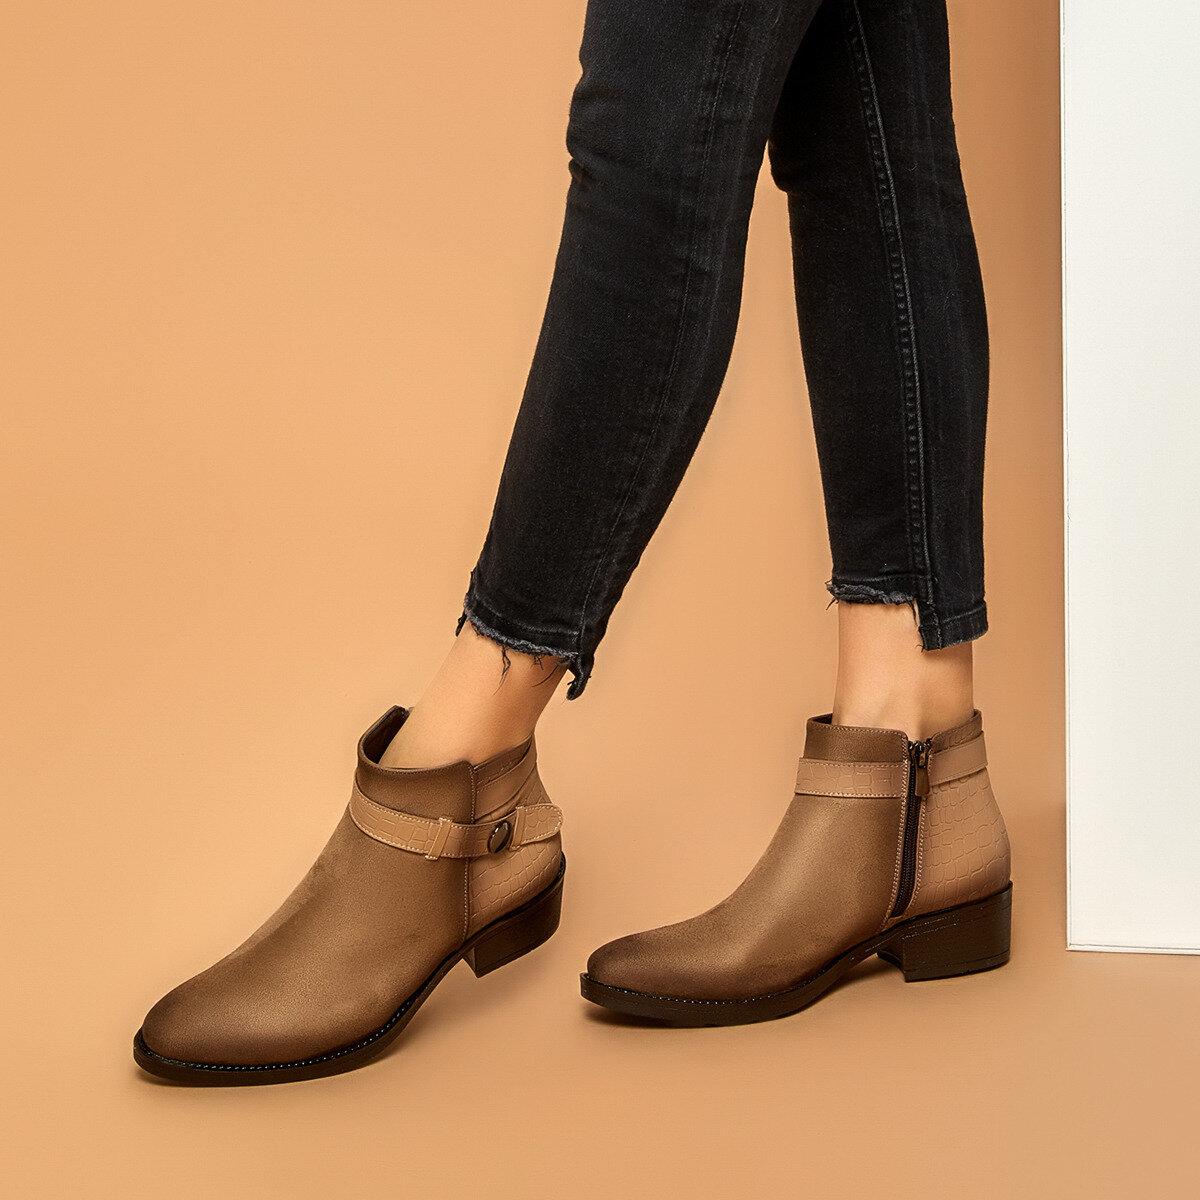 FLO LAVANDA Mink Women 'S Boots BUTIGO